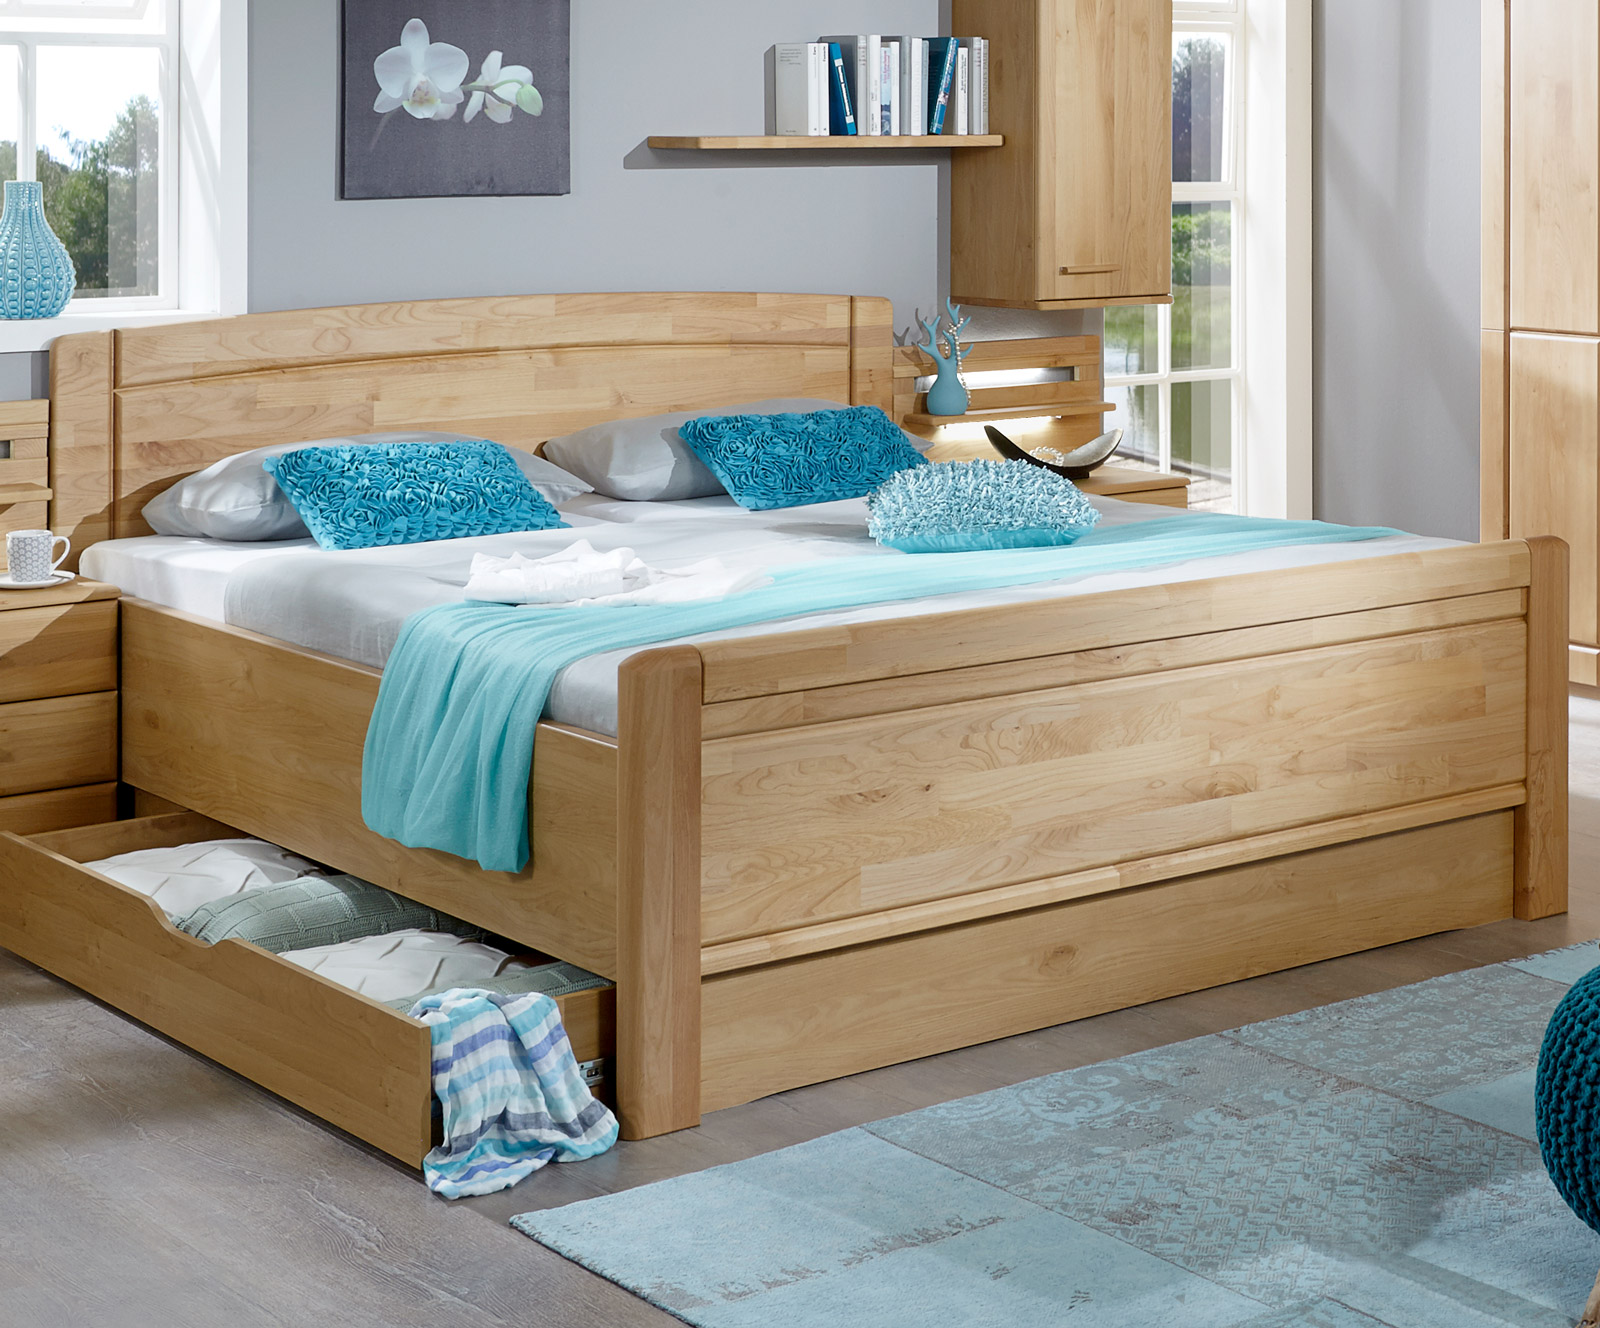 modernes bett trikomo aus erlenholz - Modernes Tagesbett Mit Ausziehbett